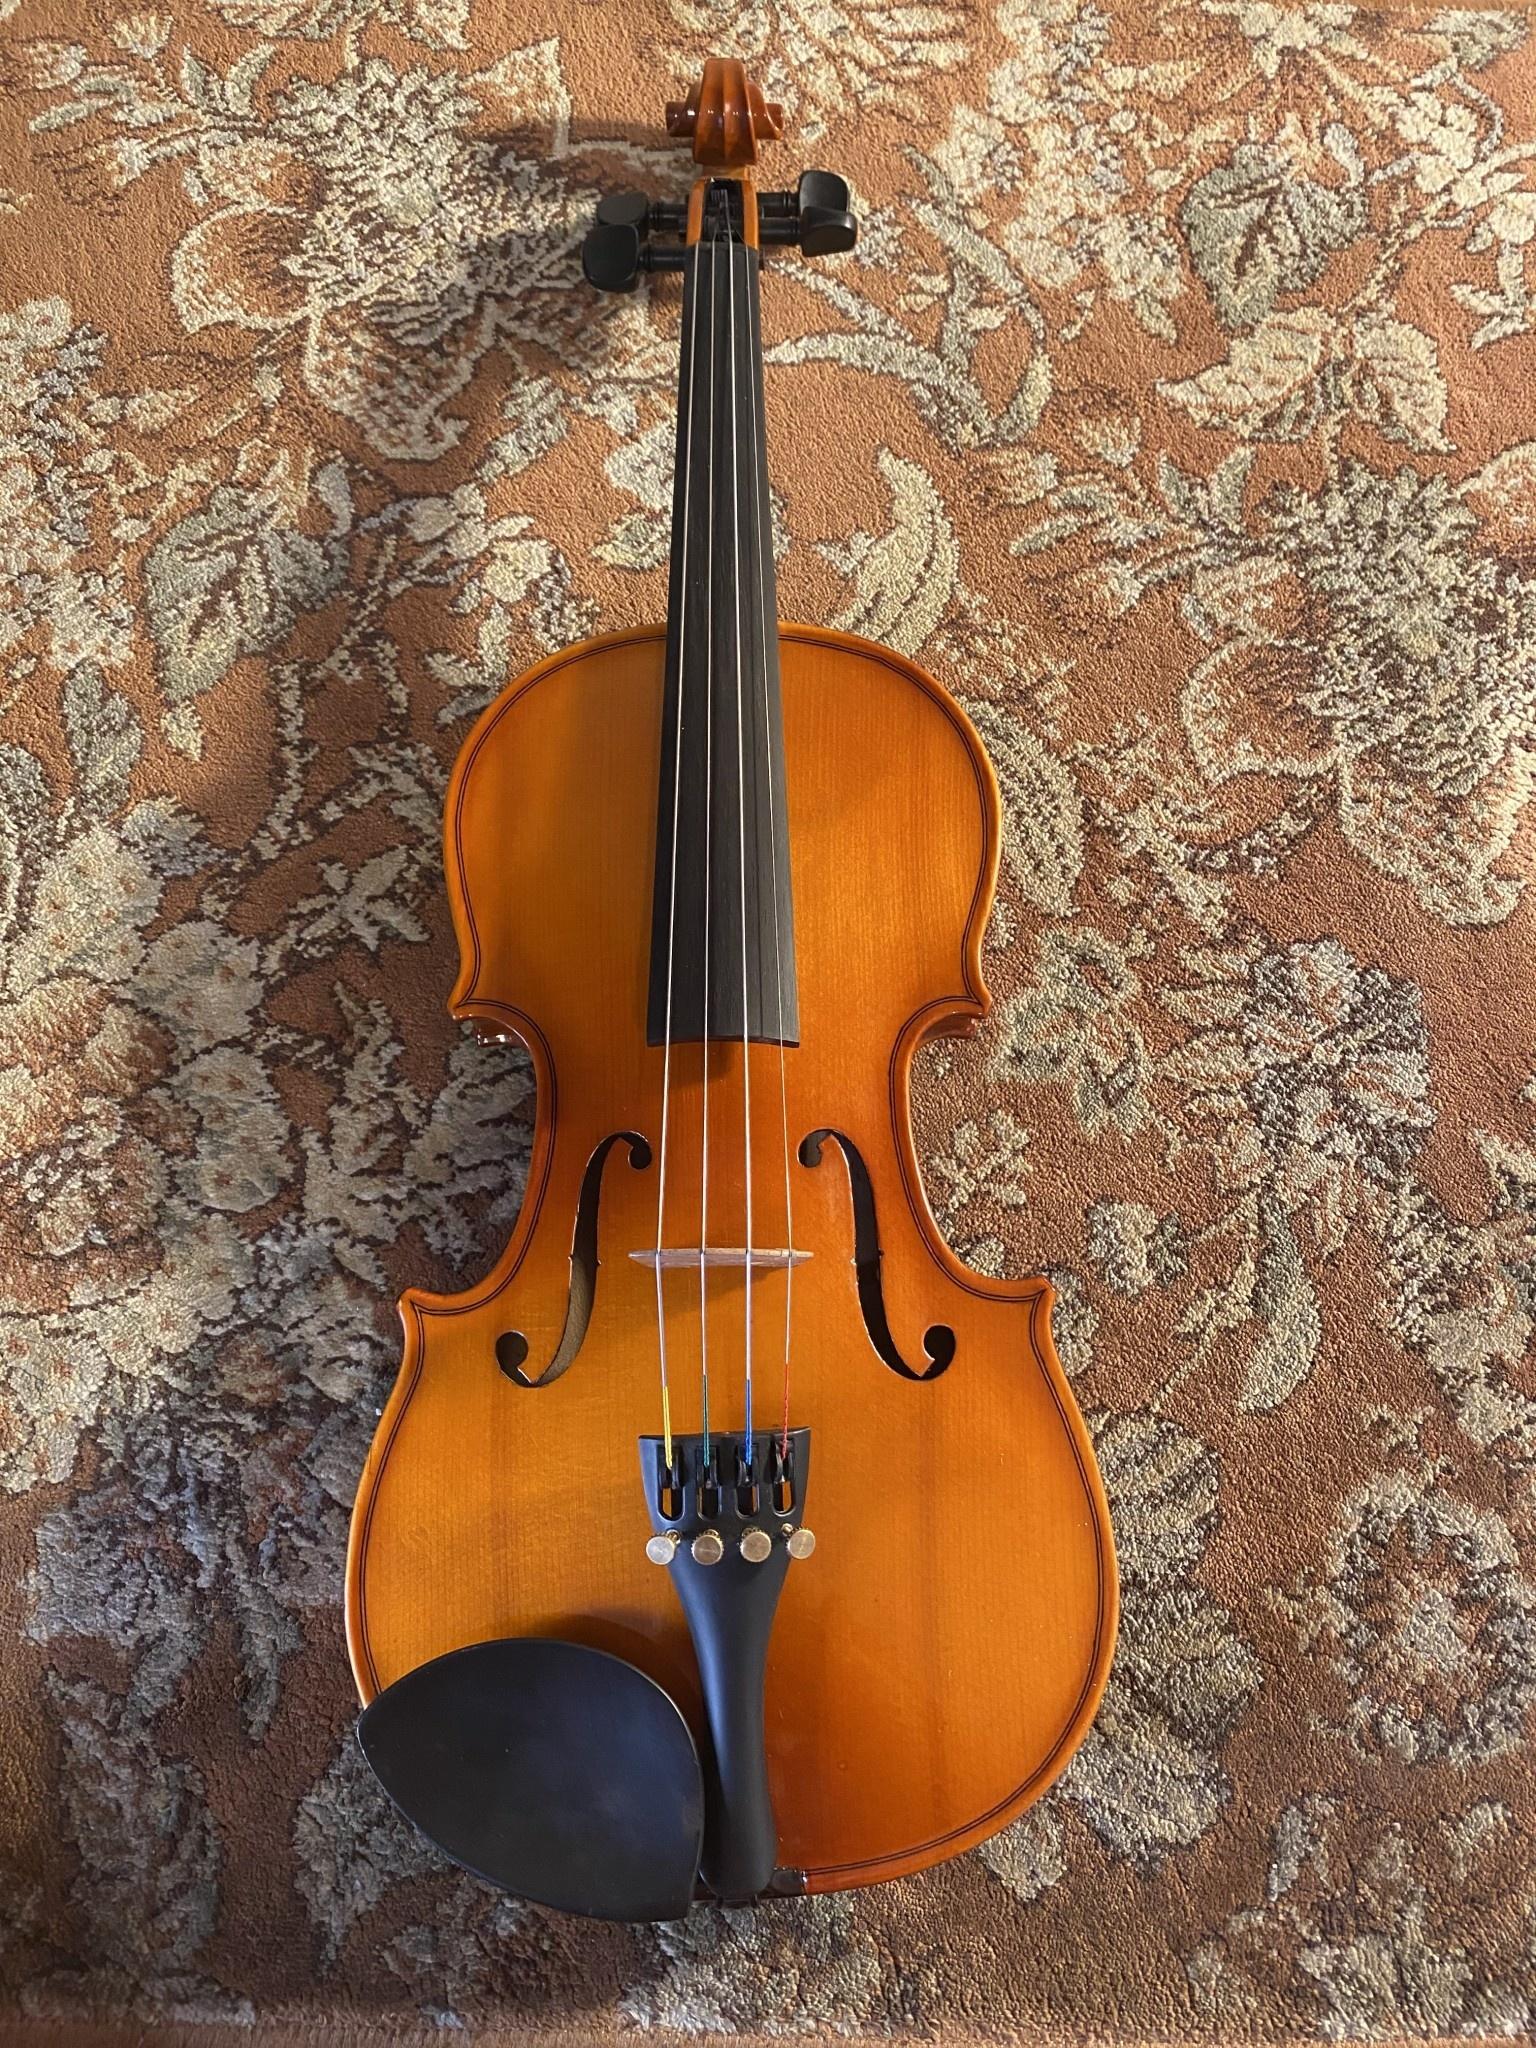 Serafina Used Serafina 1/2 violin #010